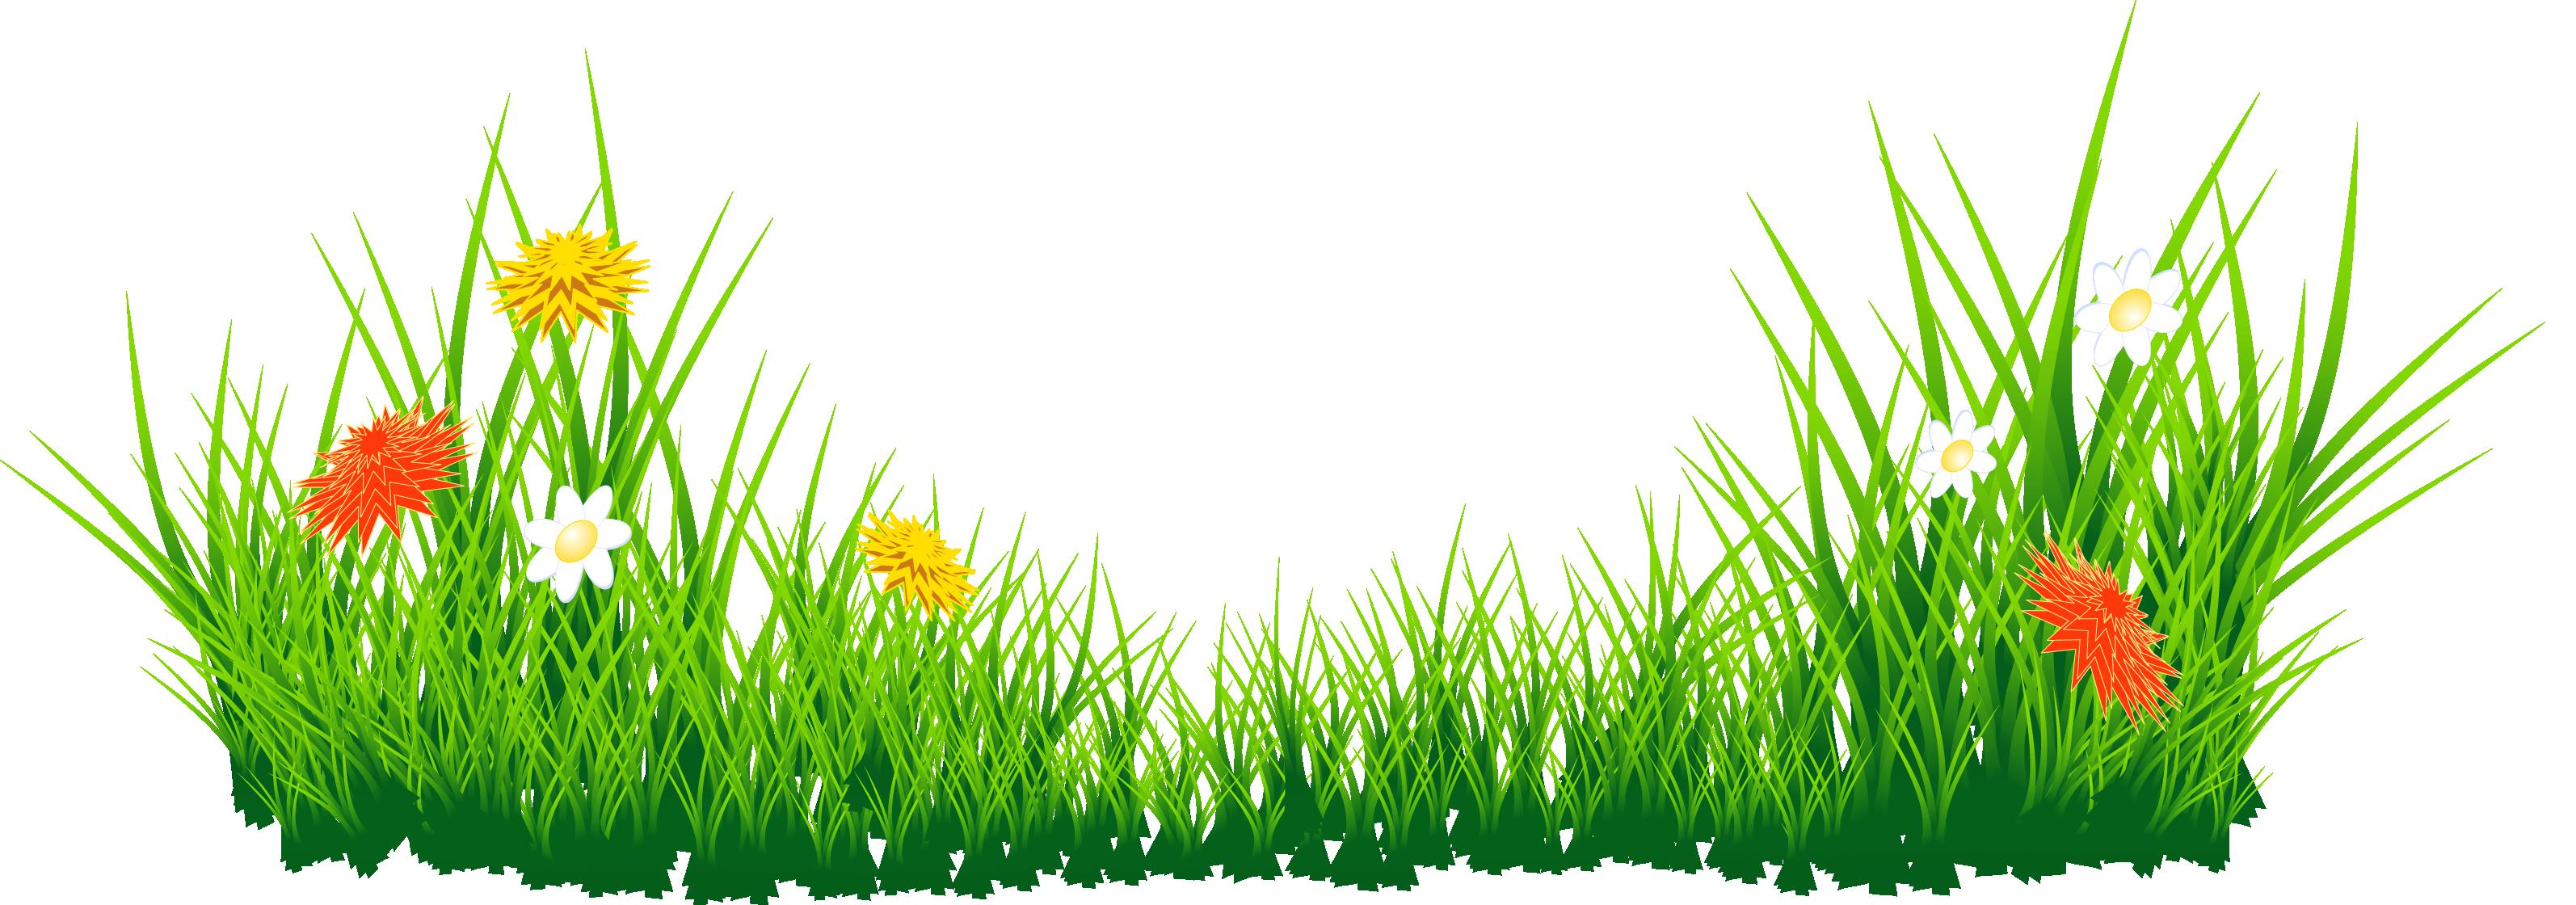 Grass Clipart 2-Grass clipart 2-8